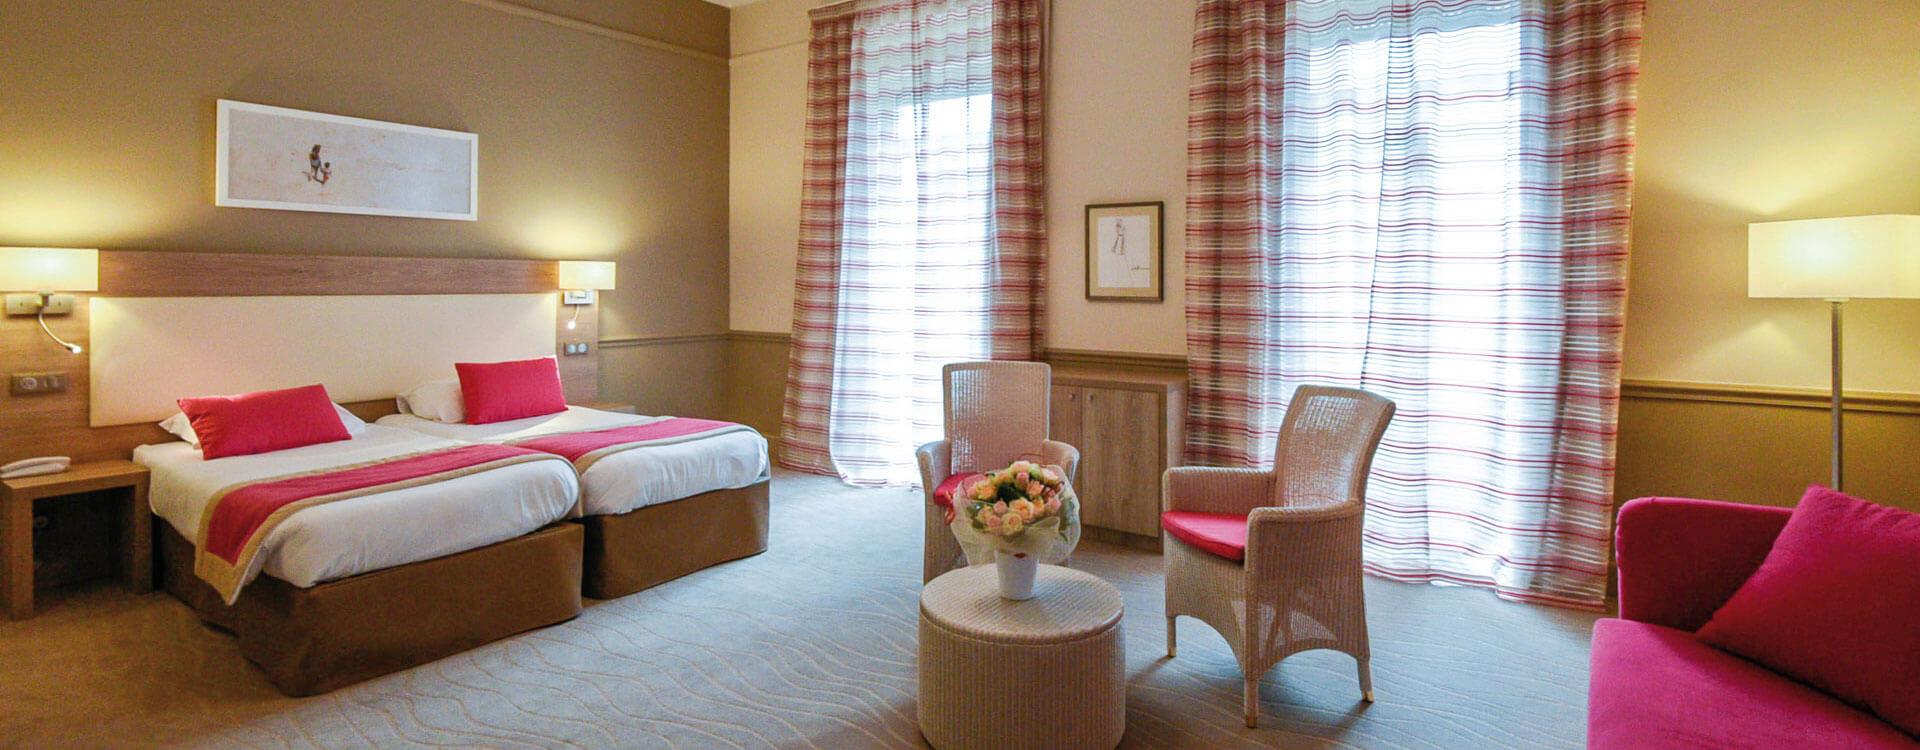 Chambre privilège vue ville - Hôtel*** Royal Westminster à Menton